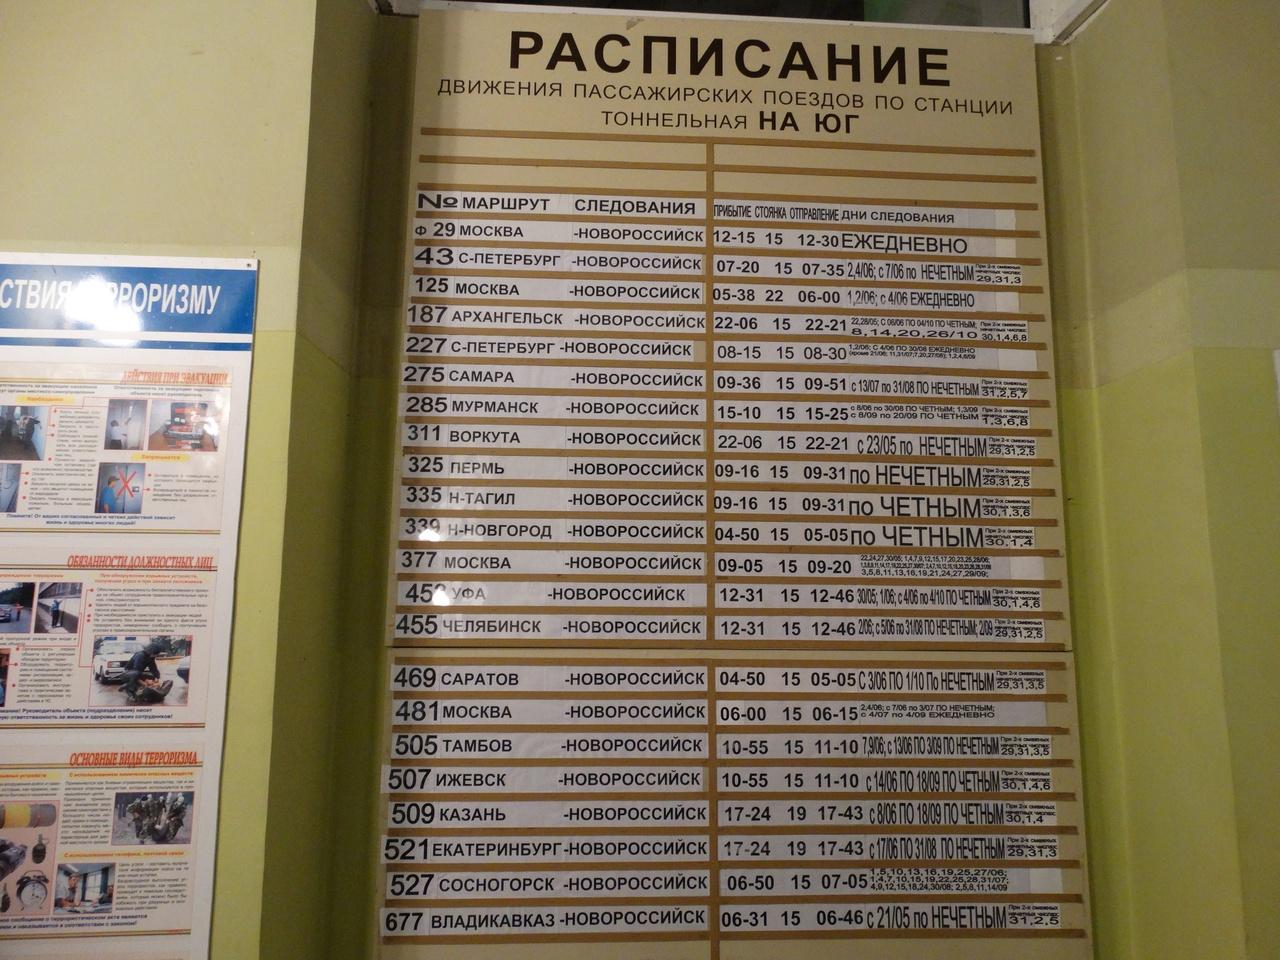 Средняя продолжительность поездки на поезде из астрахани в москву составляет 1